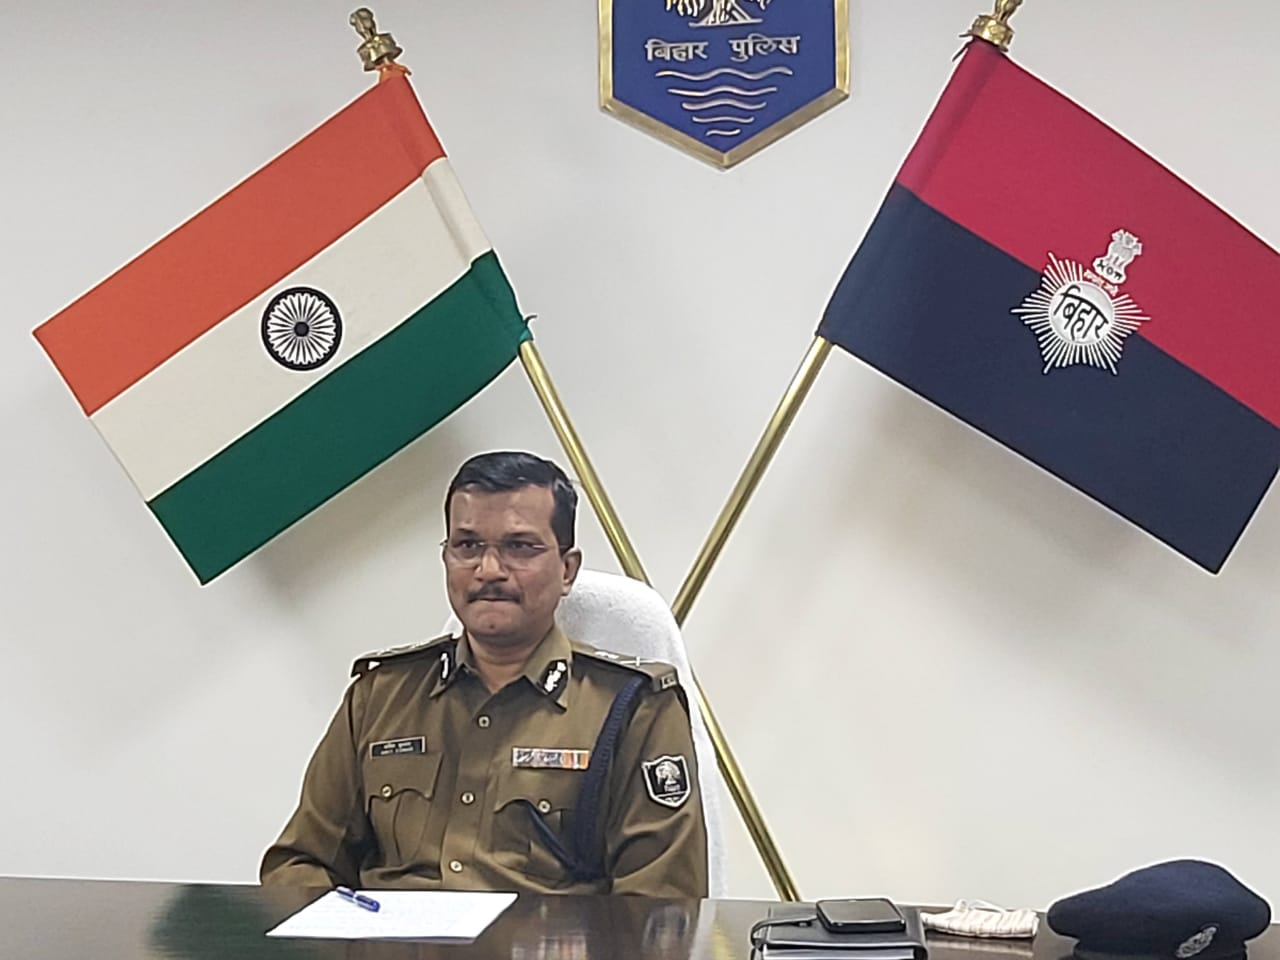 एडीजी लॉ एंड आर्डर अमित कुमार।